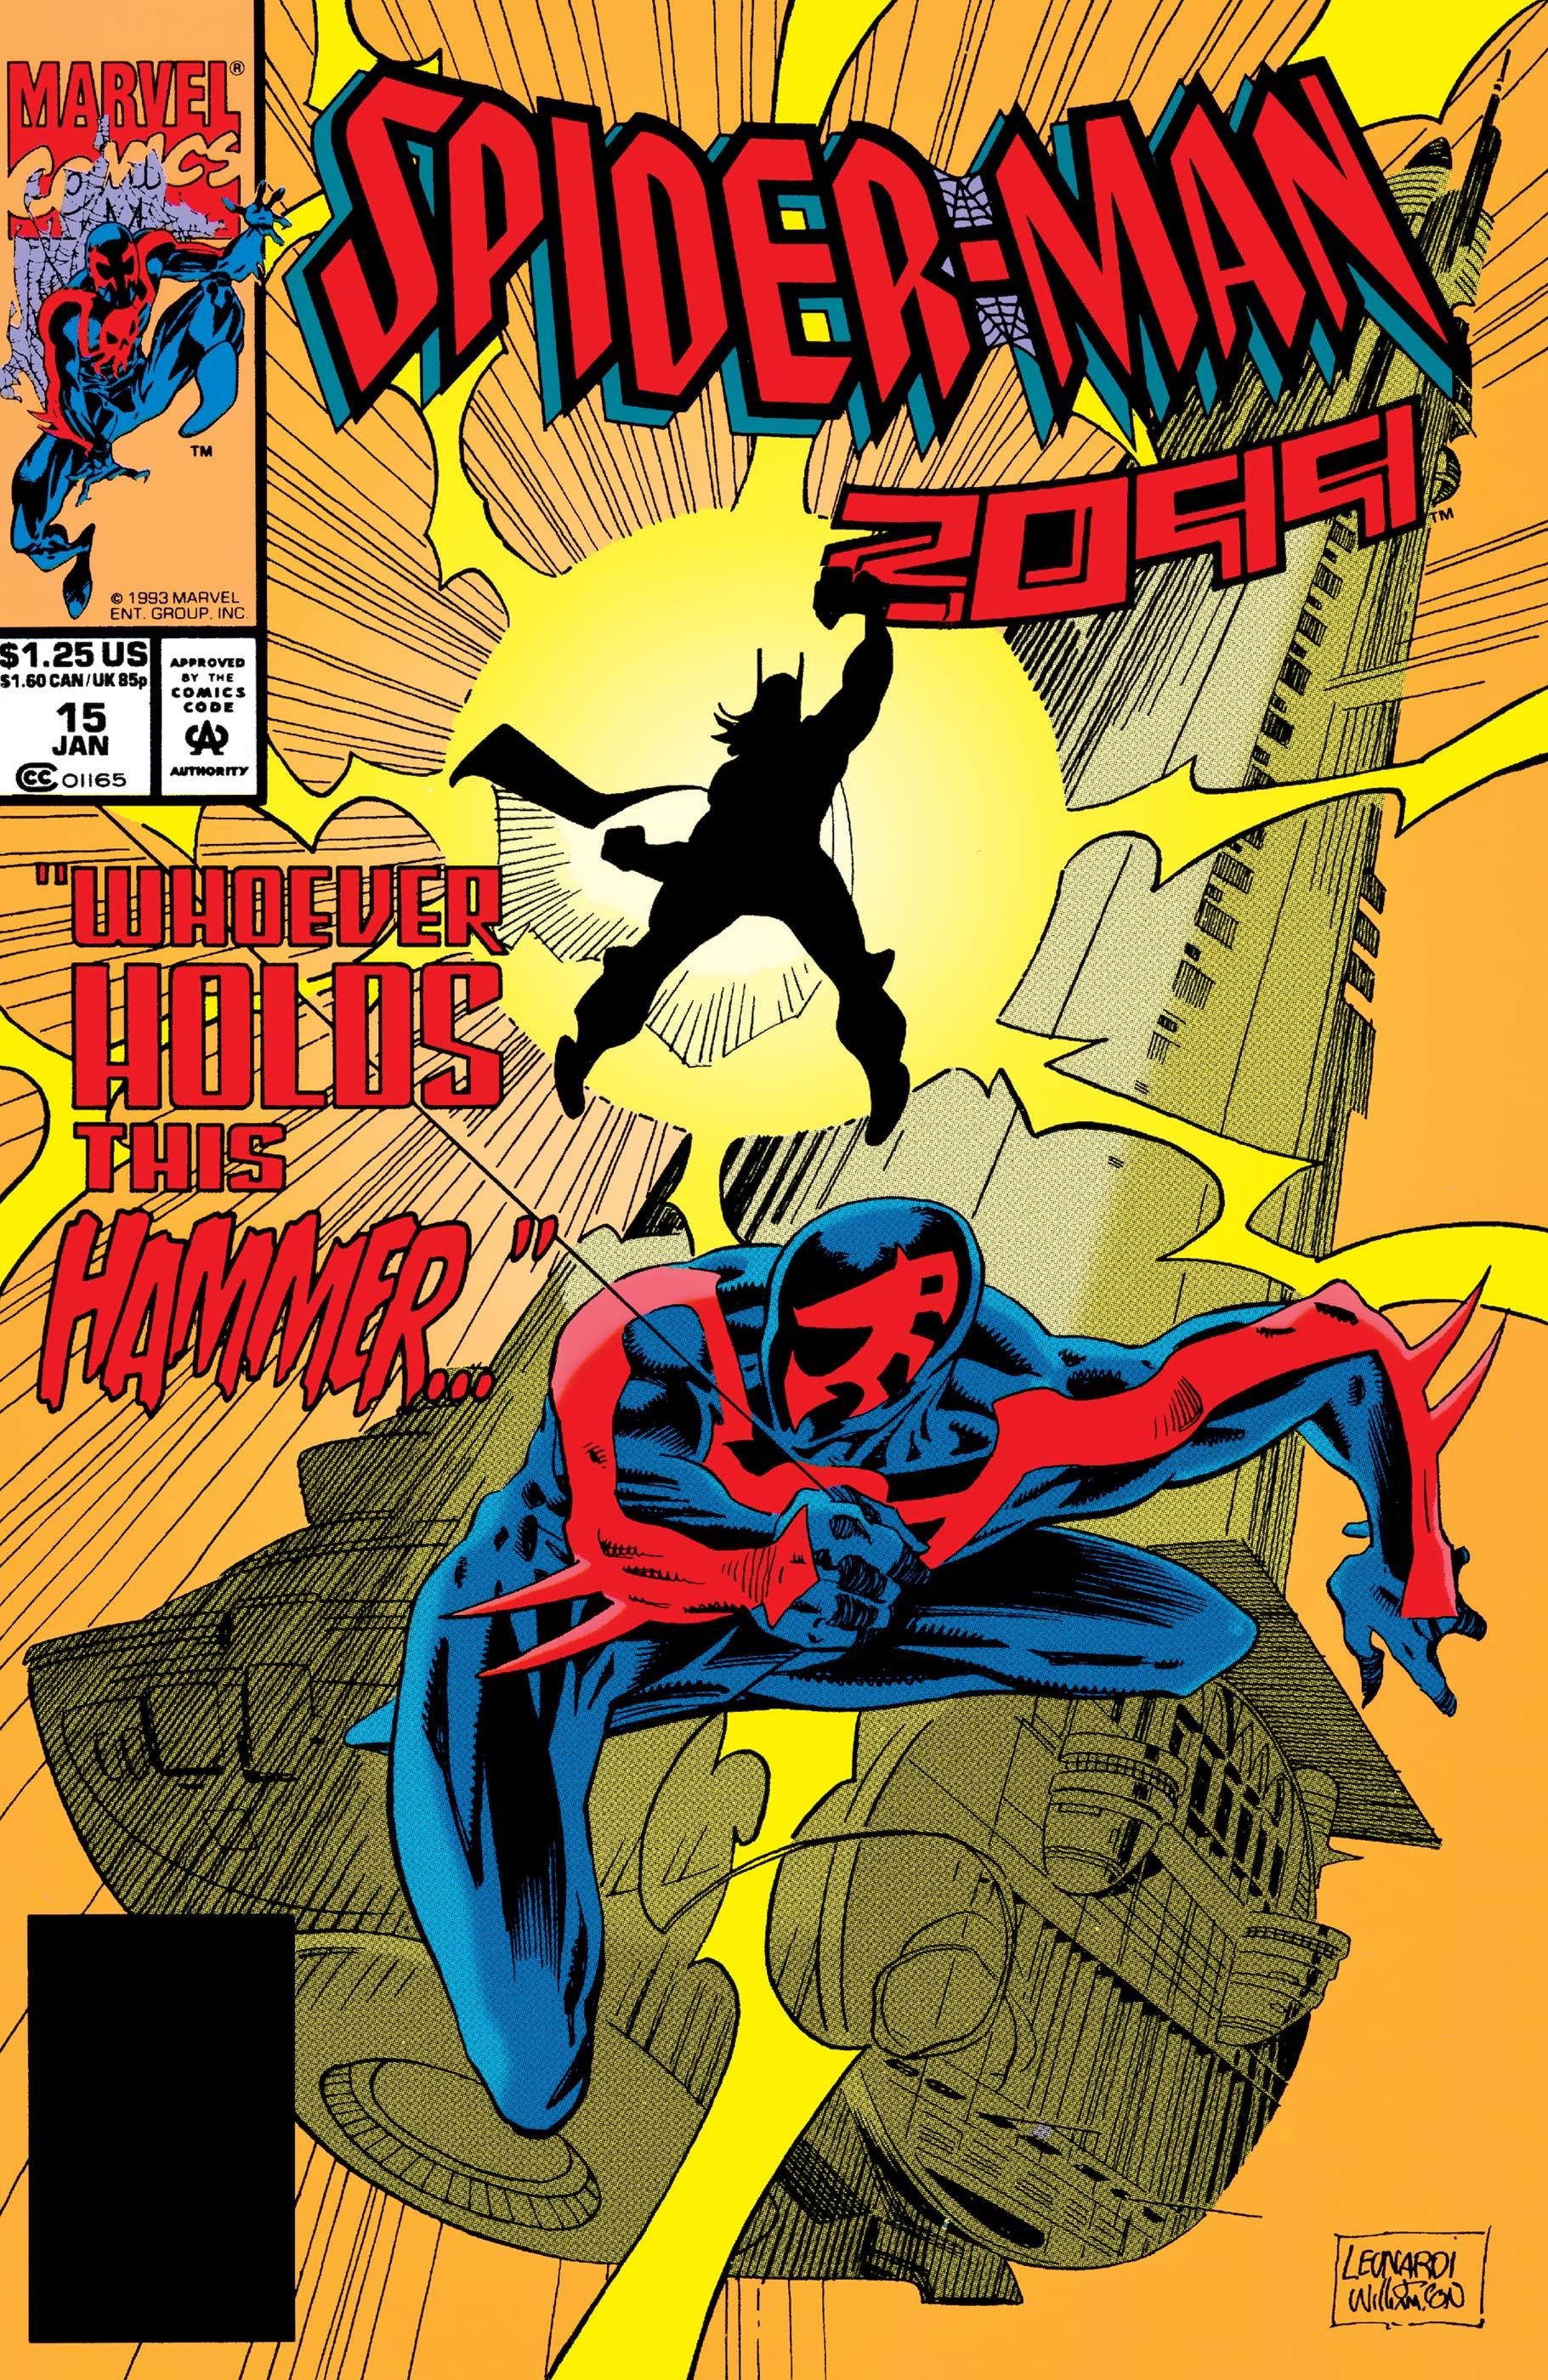 Spider-Man 2099 (1992) #15